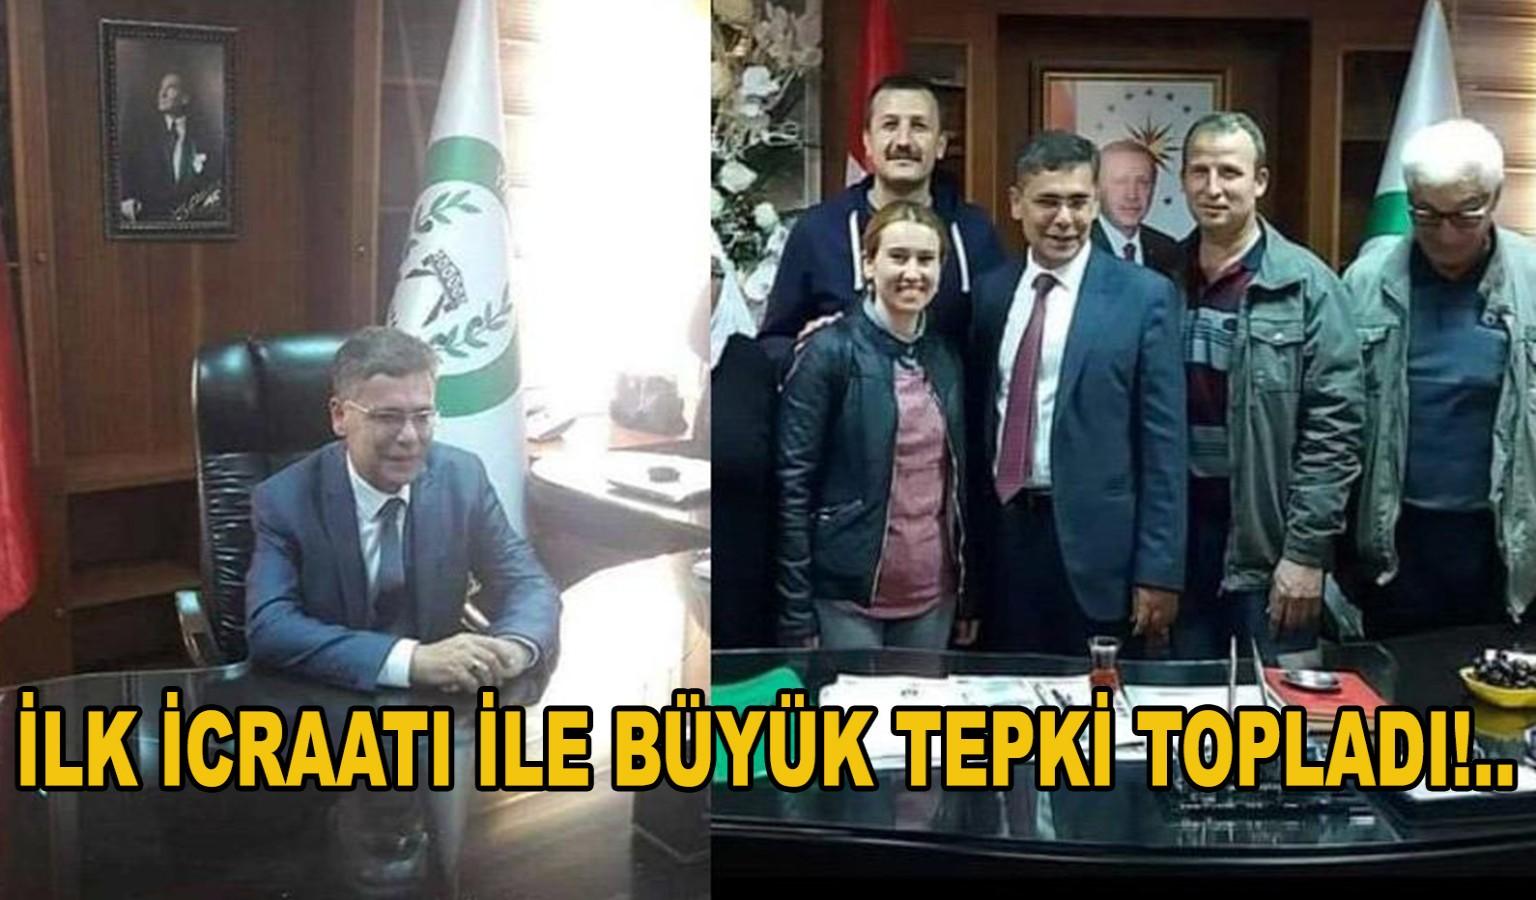 İLK İCRAATI İLE BÜYÜK TEPKİ TOPLADI!..